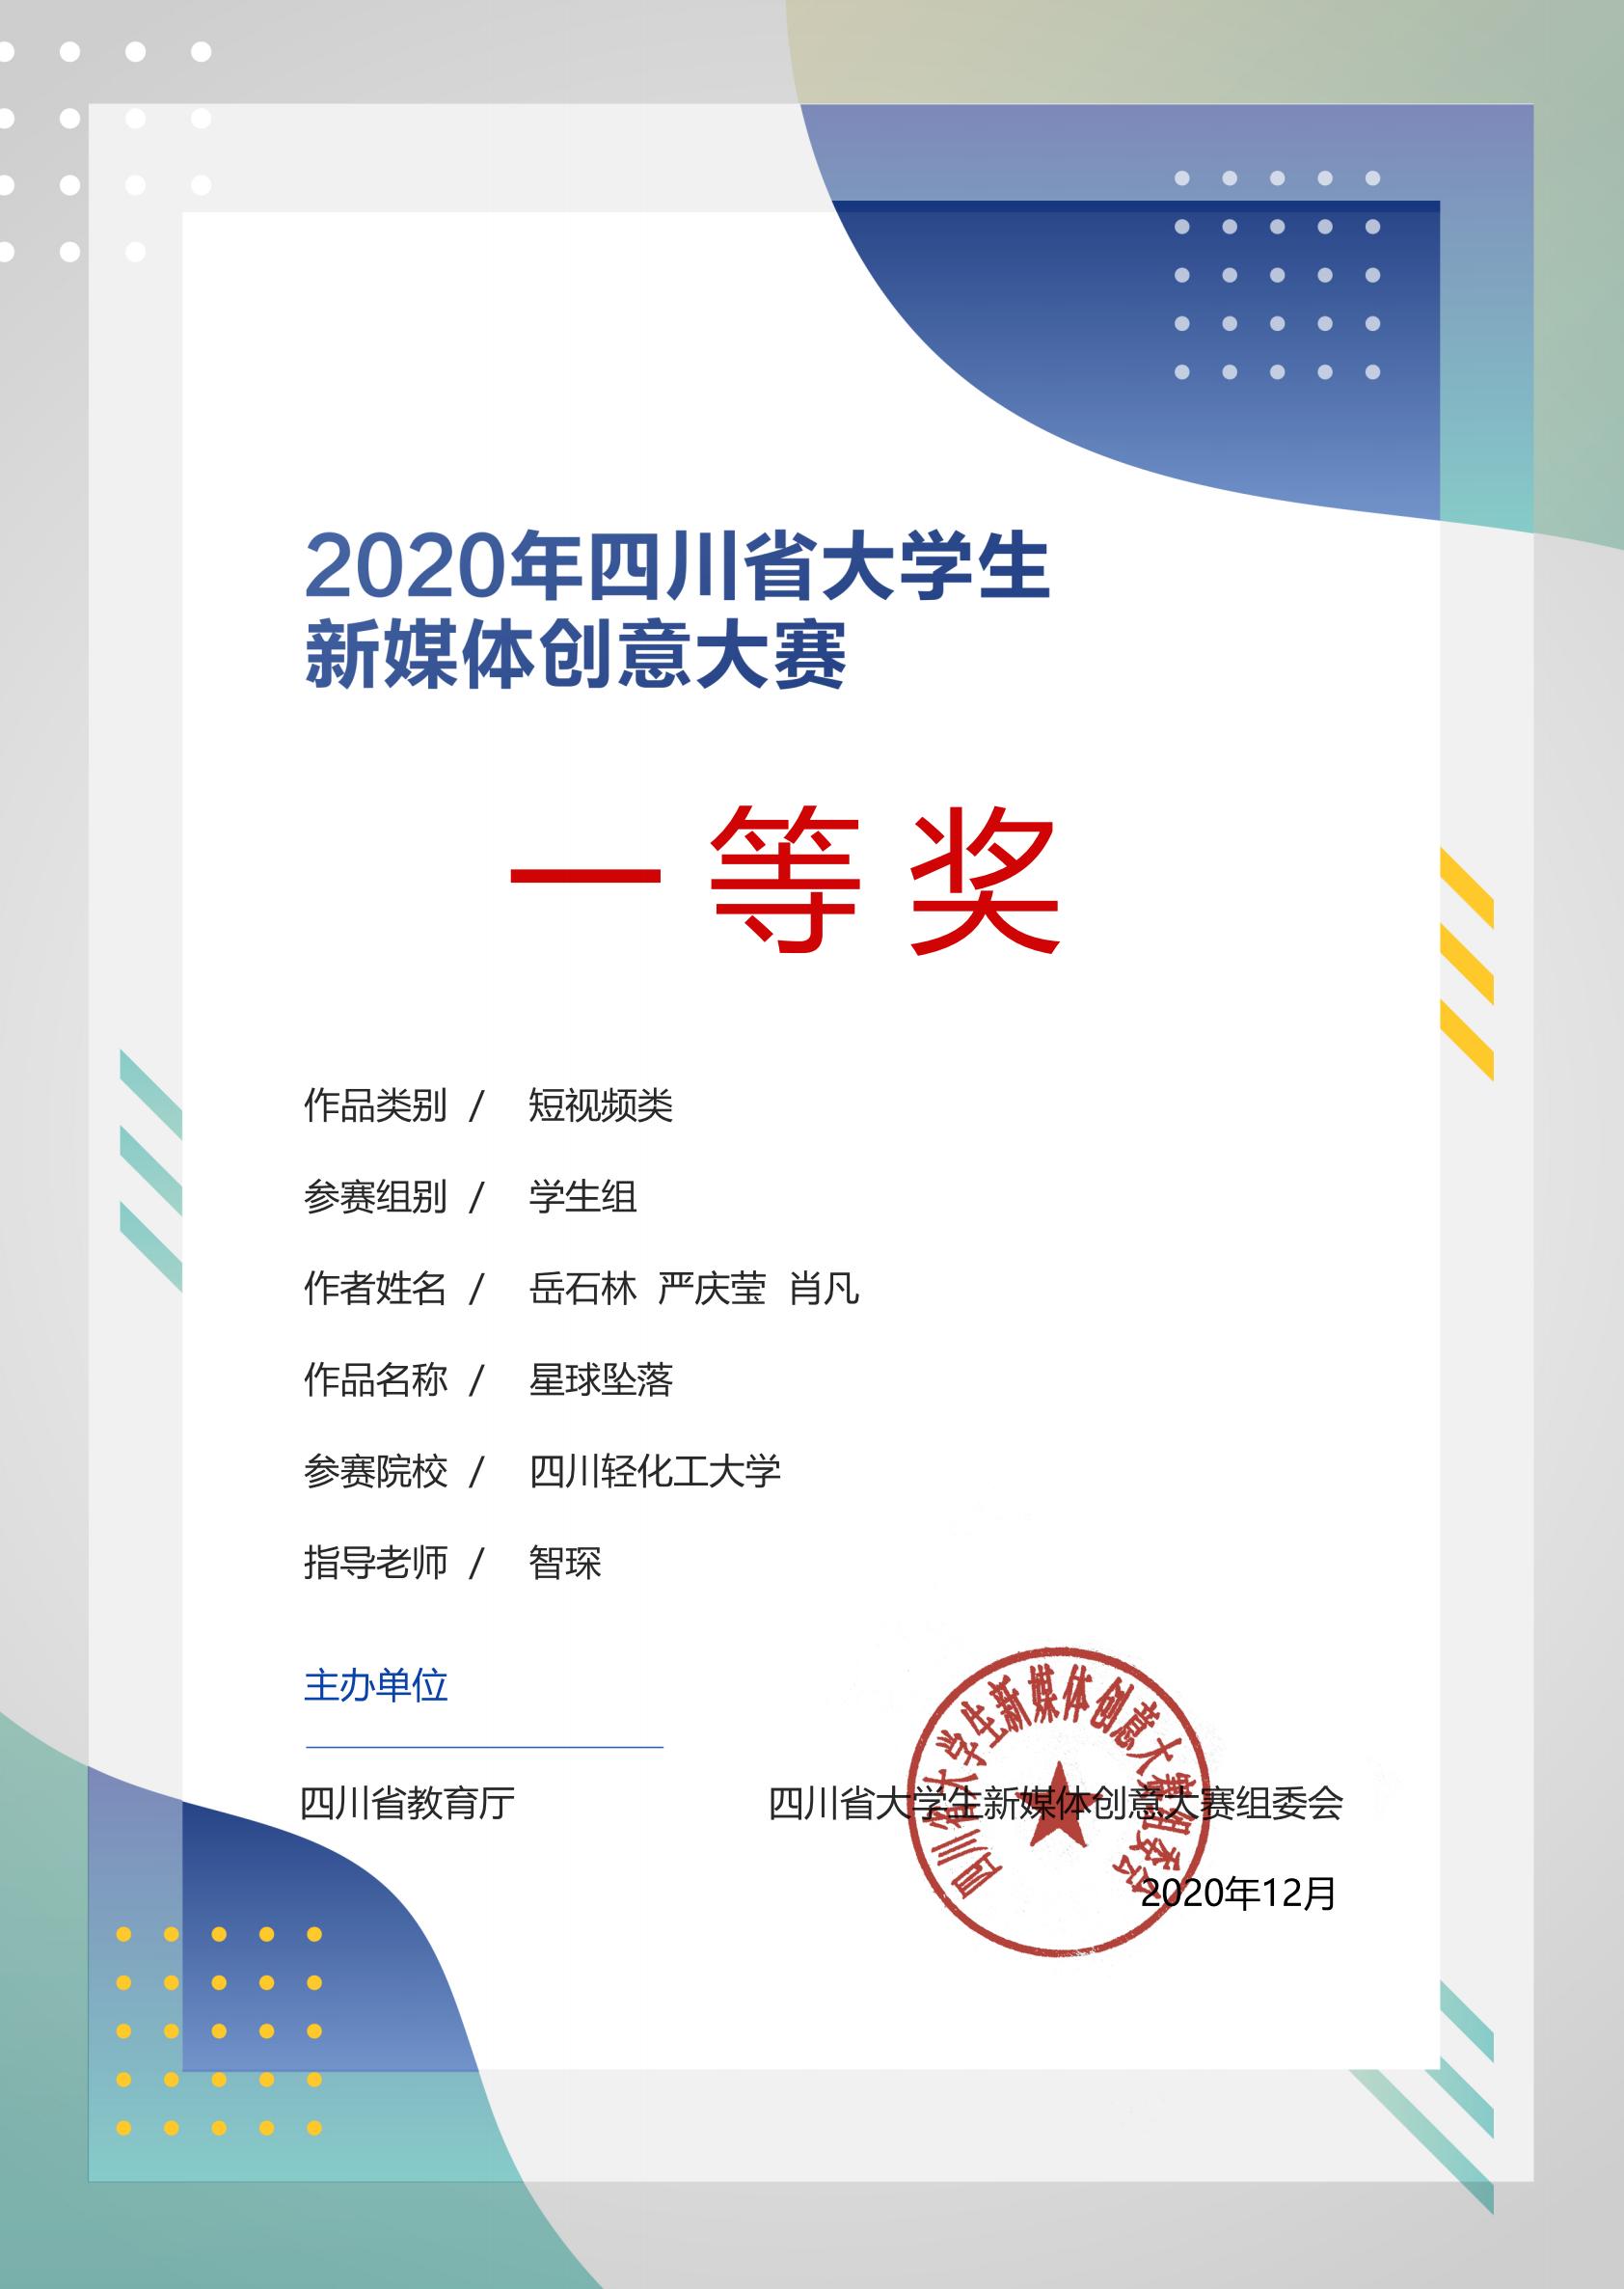 [学科竞赛]广电专业三项作品在四川省大学生新媒体创意大赛中分获一二等奖